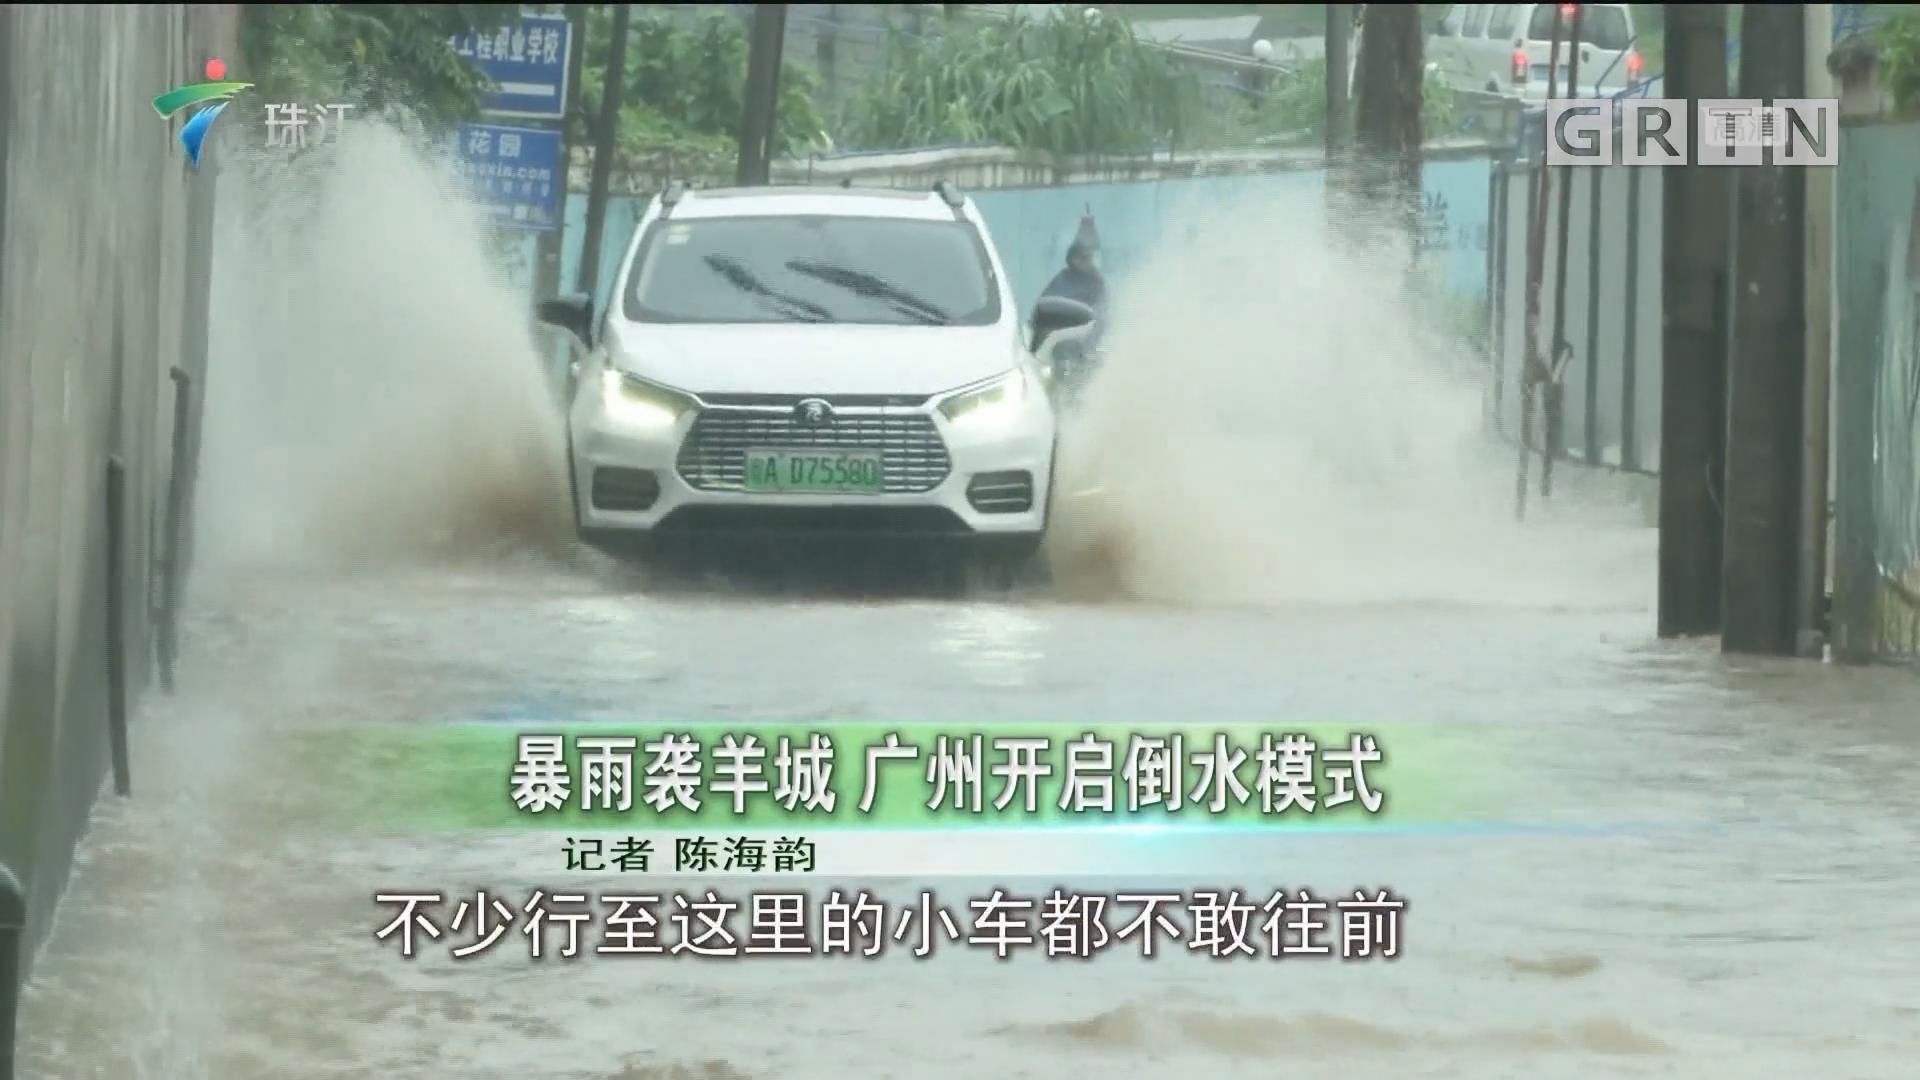 暴雨袭羊城 广州开启倒水模式